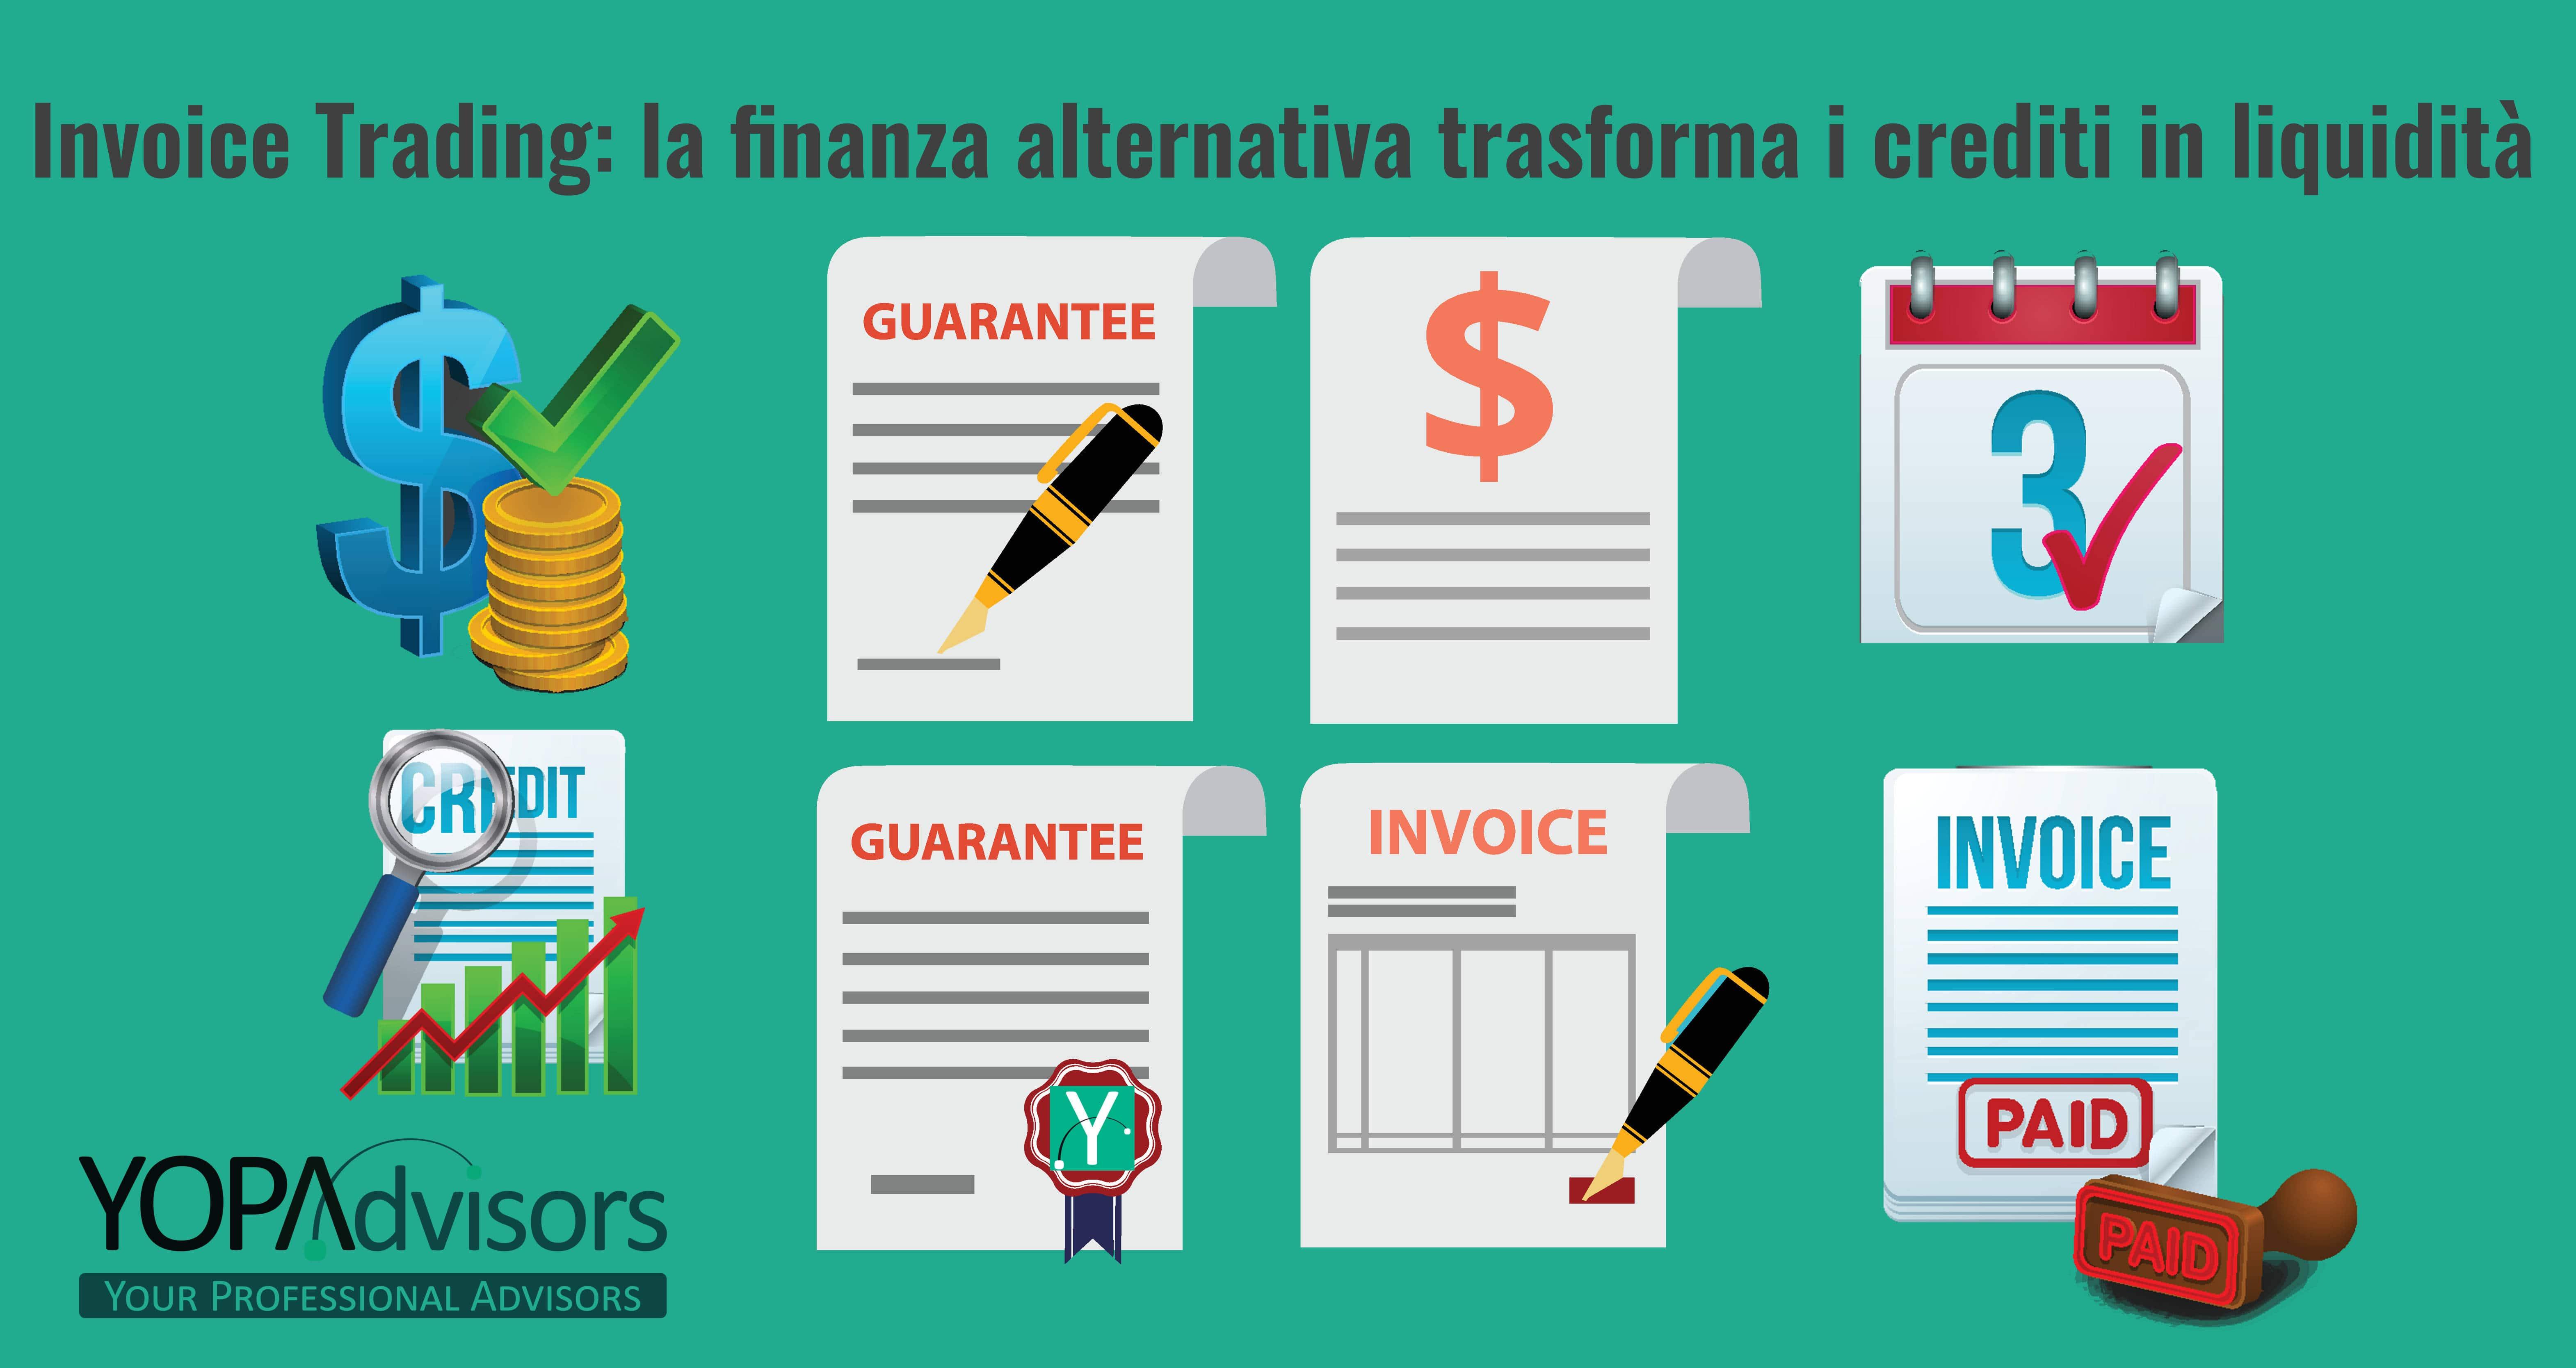 Invoice Trading: garantire liquidità all'azienda tramite la messa all'asta delle fatture su portali online specializzati